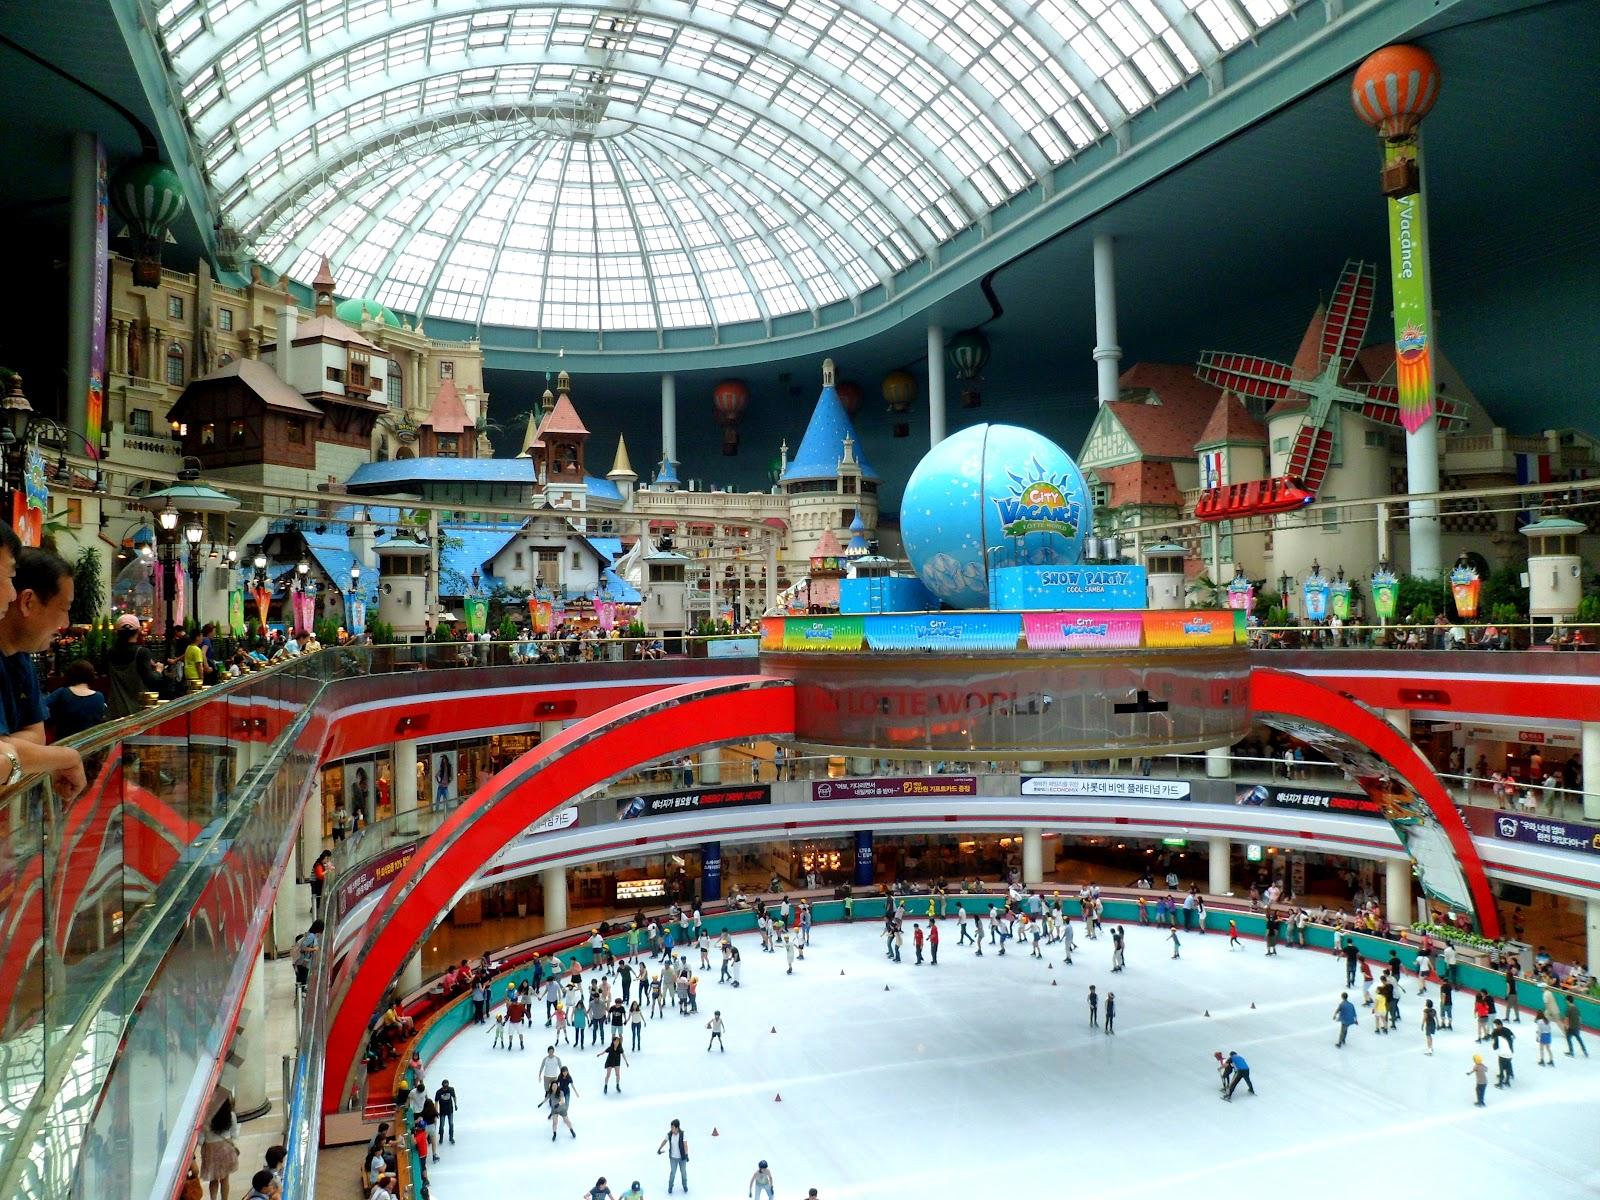 Sân trượt băng trong Lotte World luôn đông đúc